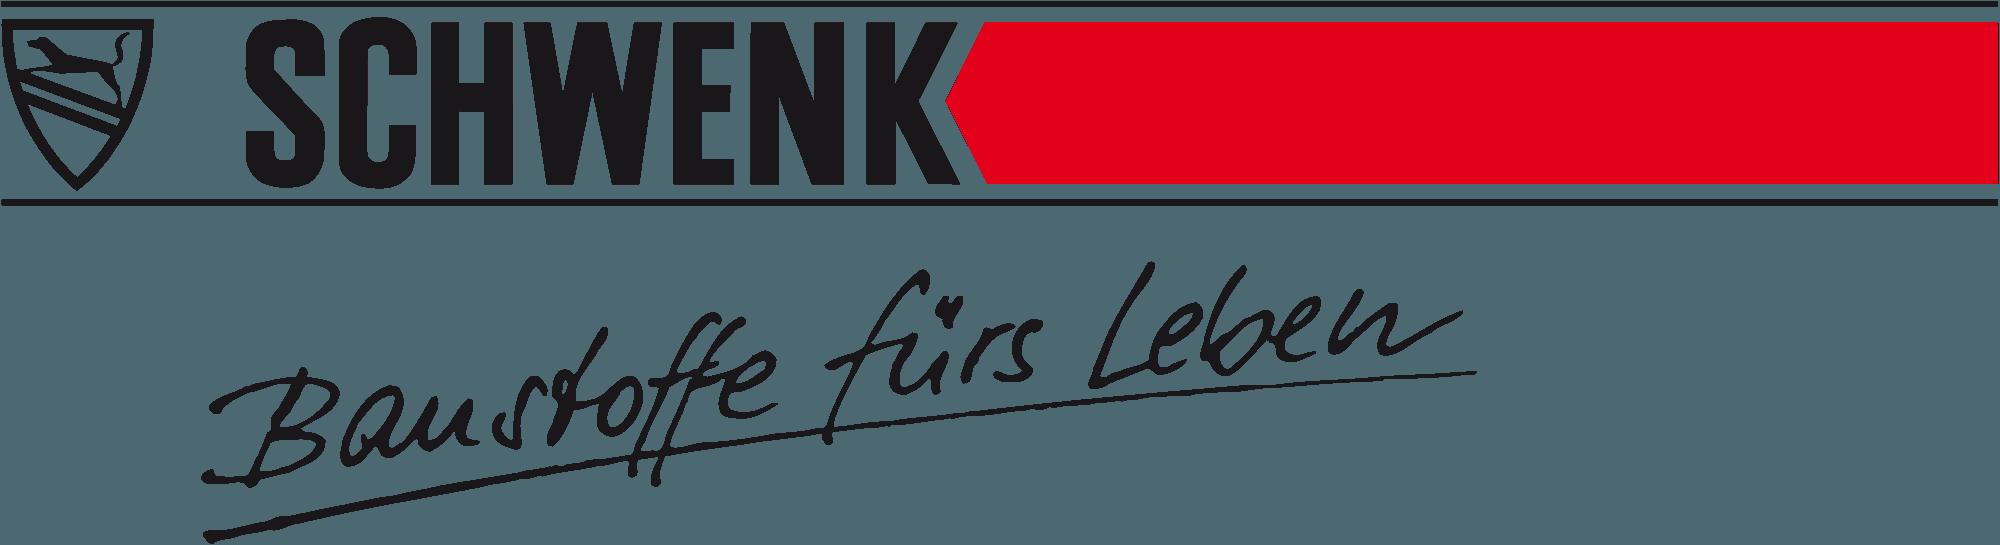 schwenk servicecenter landsberg gmbh co kg dein ausbildungsbetrieb. Black Bedroom Furniture Sets. Home Design Ideas